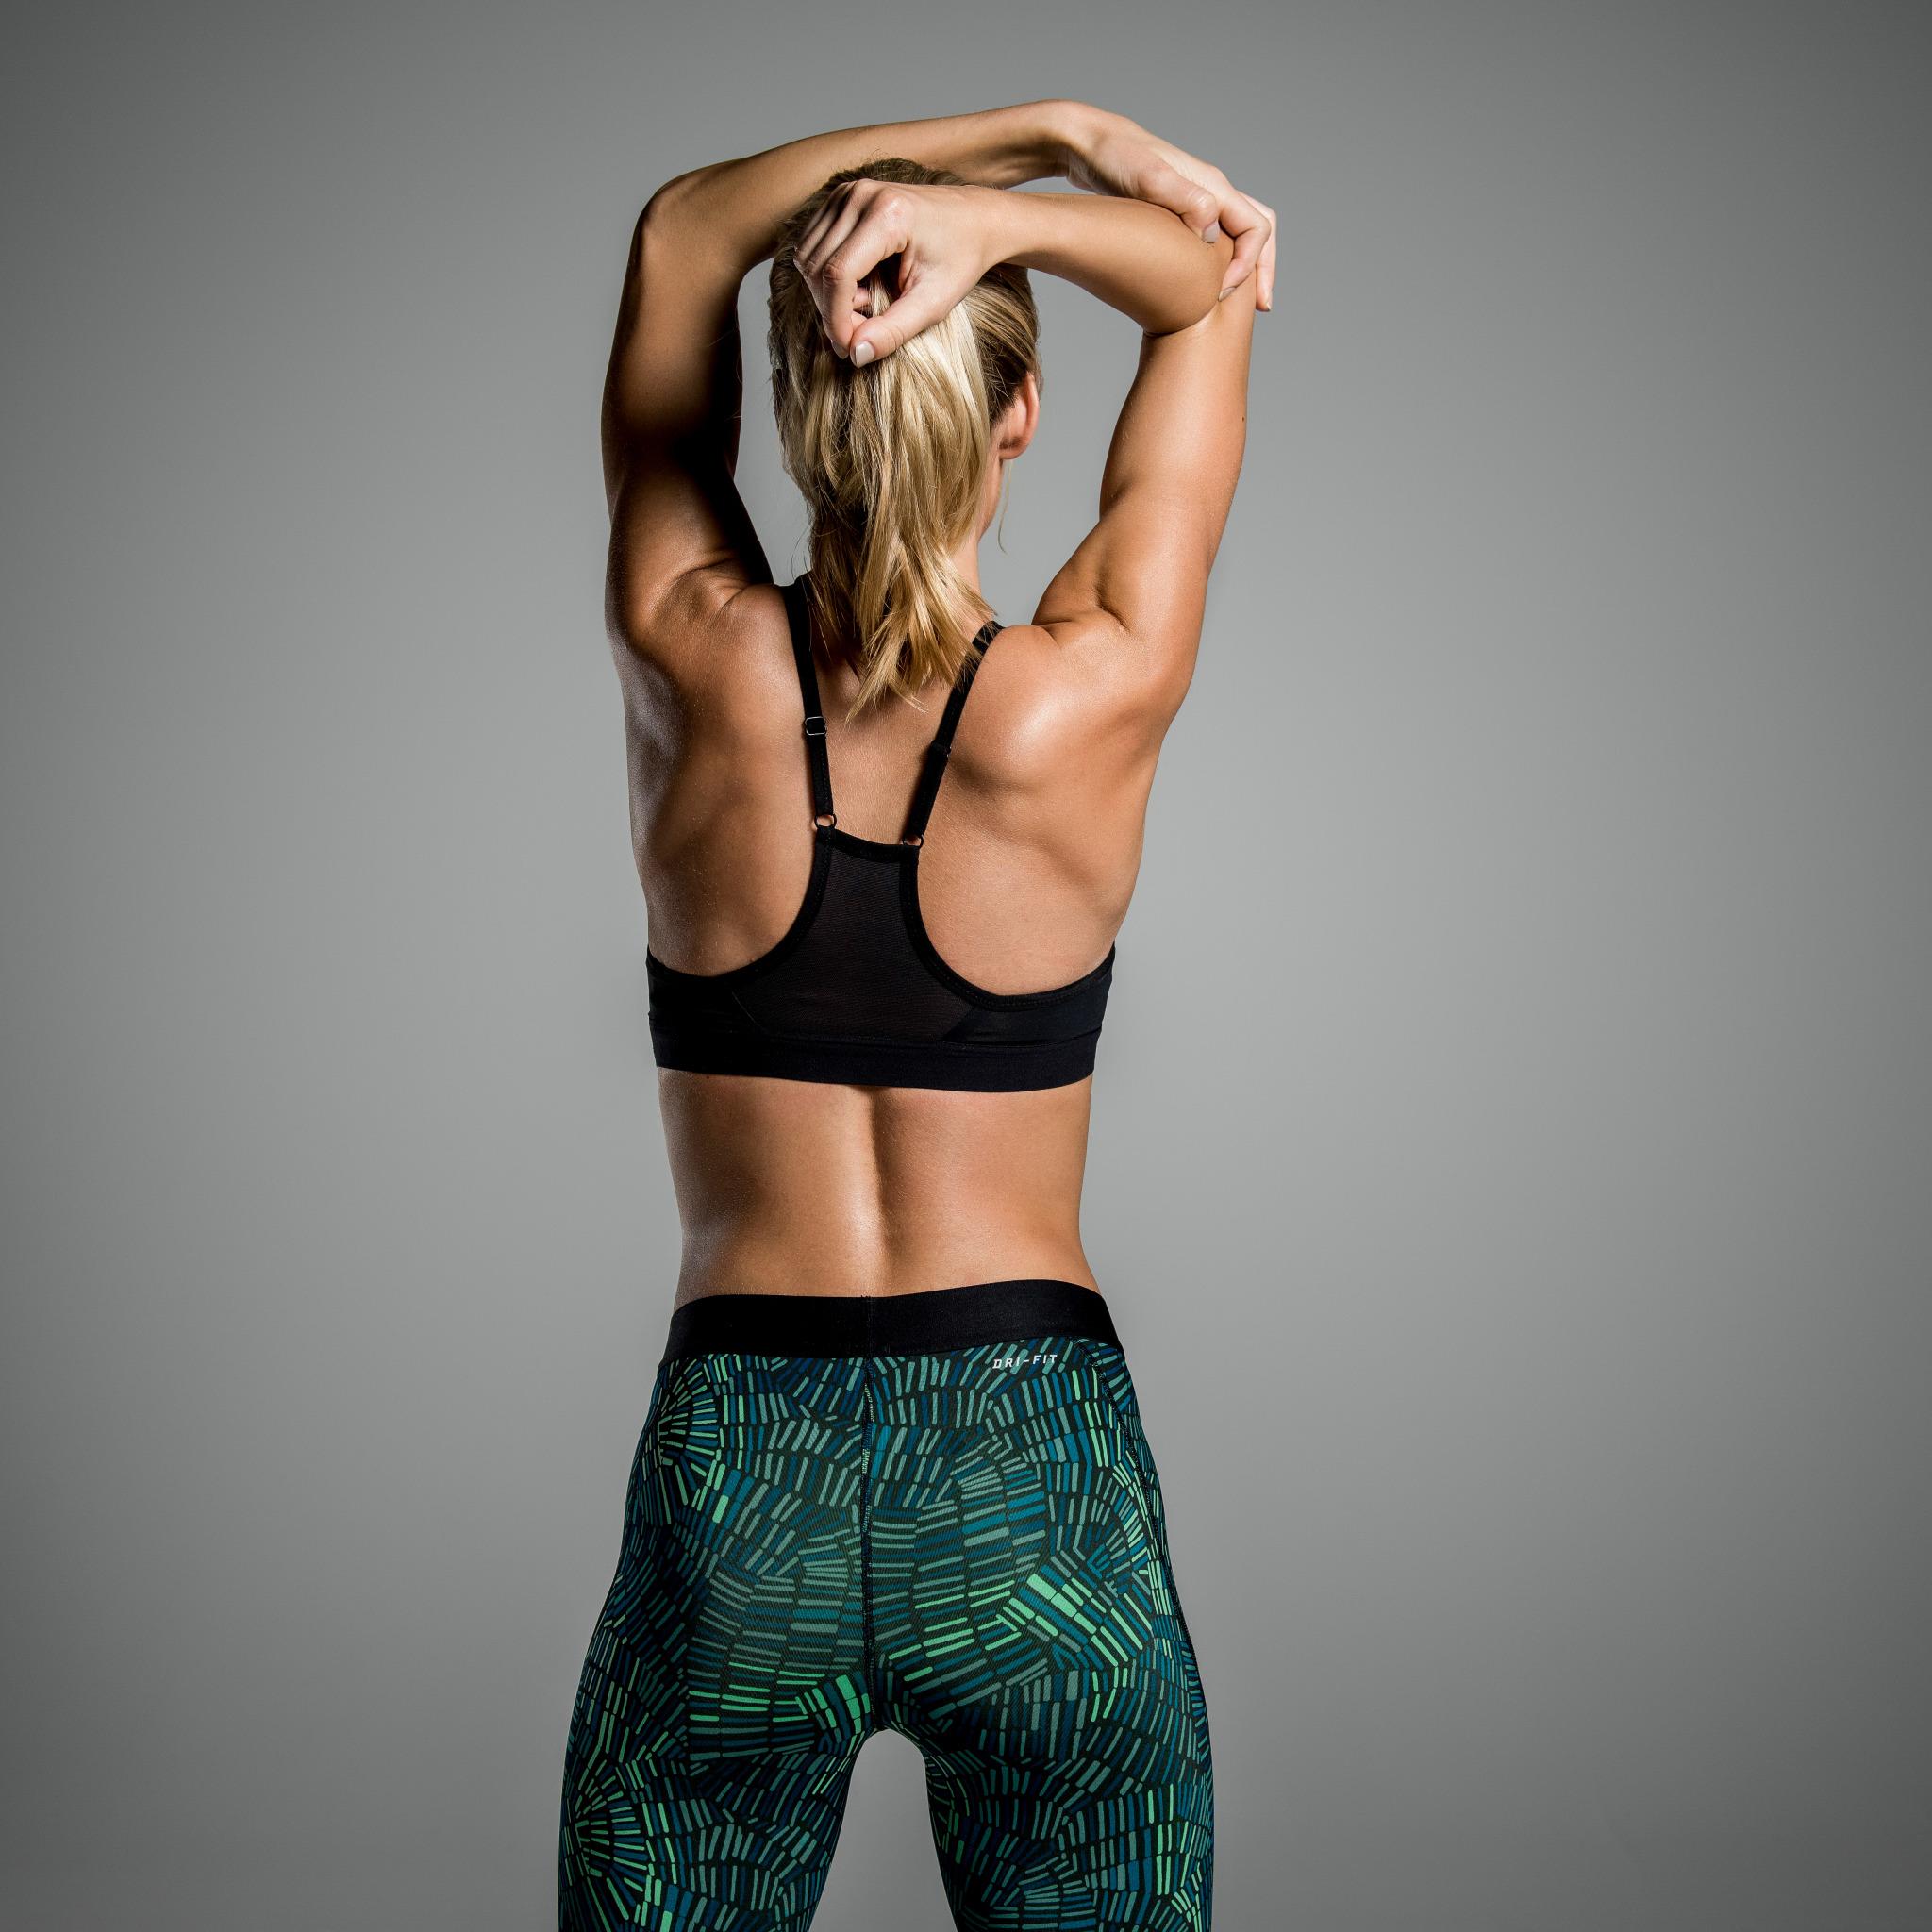 Фото спортивных моделей со спины